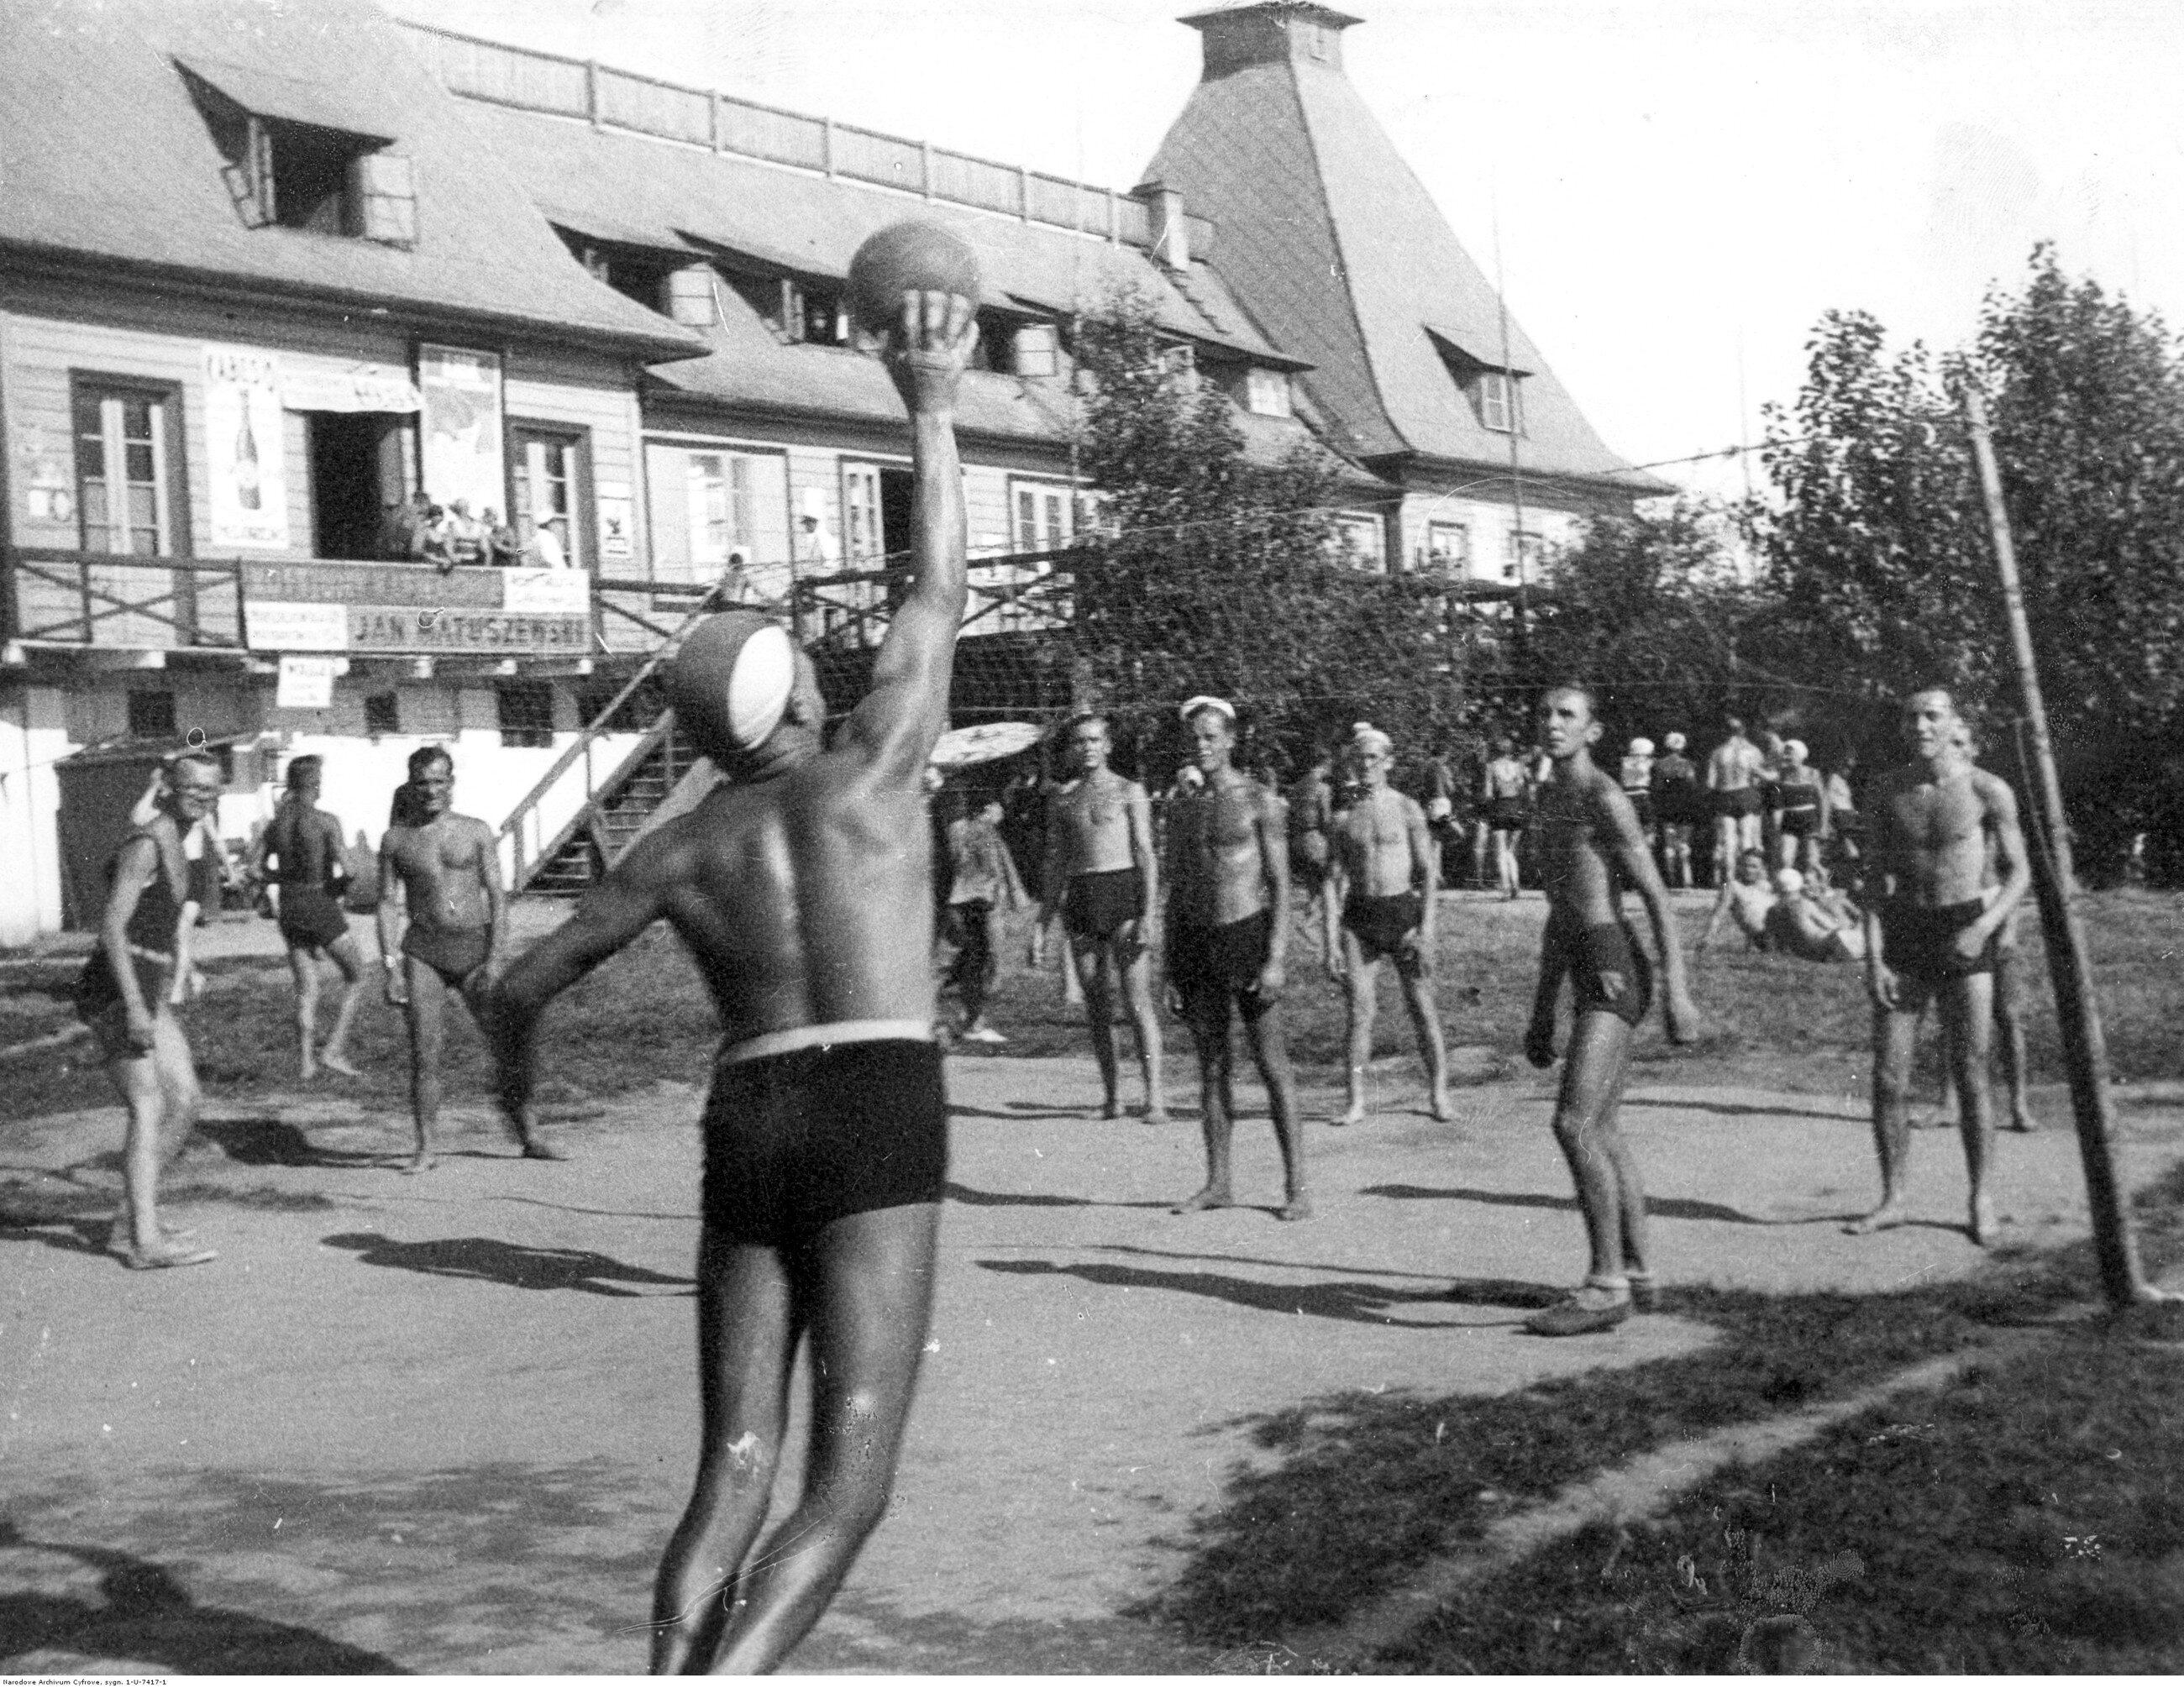 Warszawa, 1931 r. Siatkówka na Plaży Braci Kozłowskich.